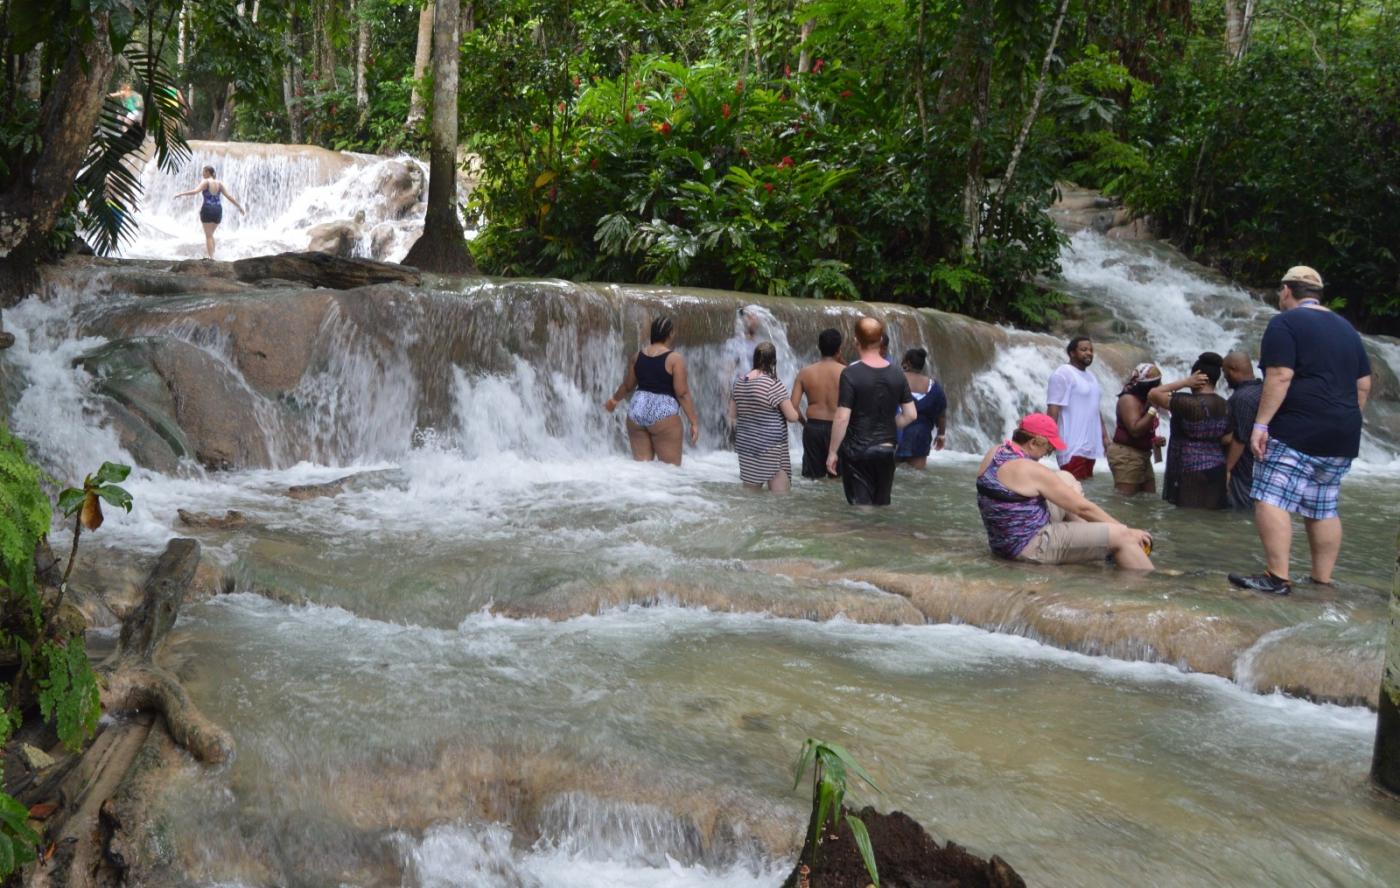 牙买加奥乔里奥斯_图1-16